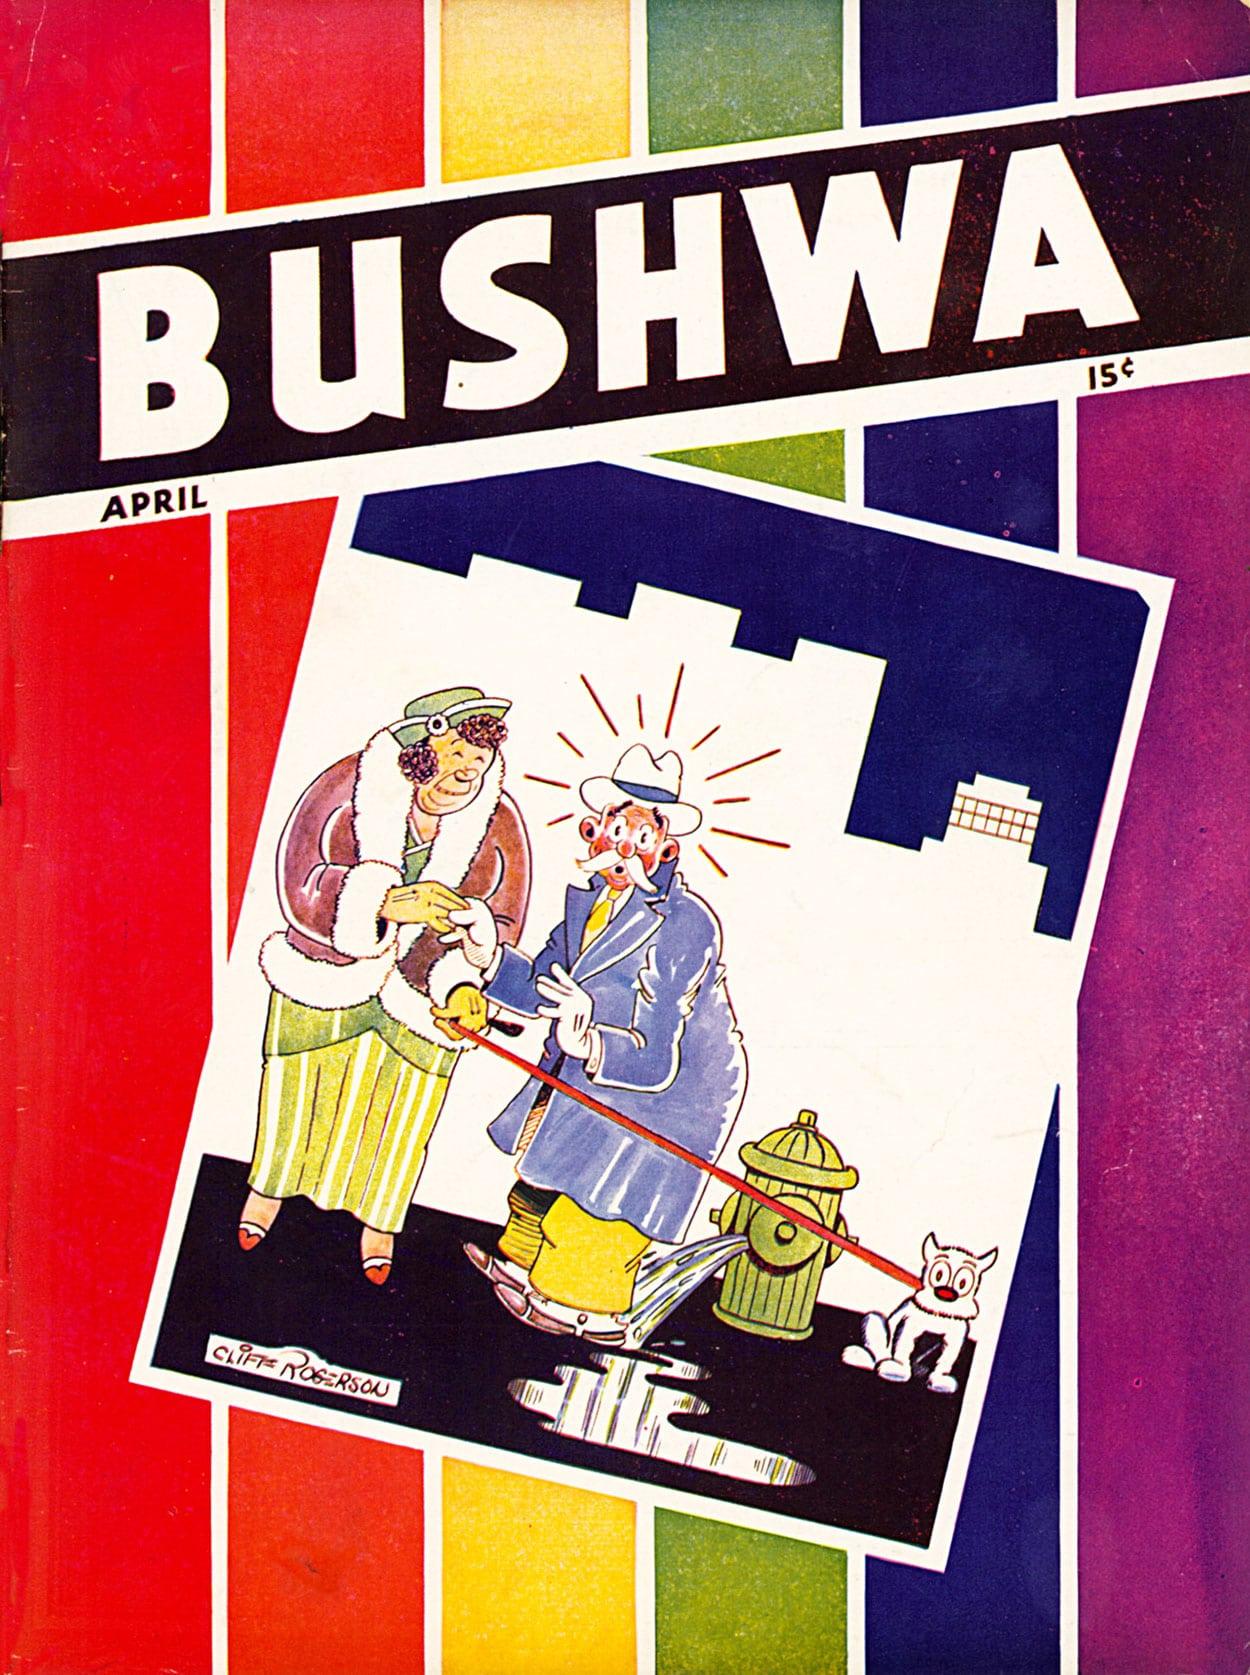 Bushwa